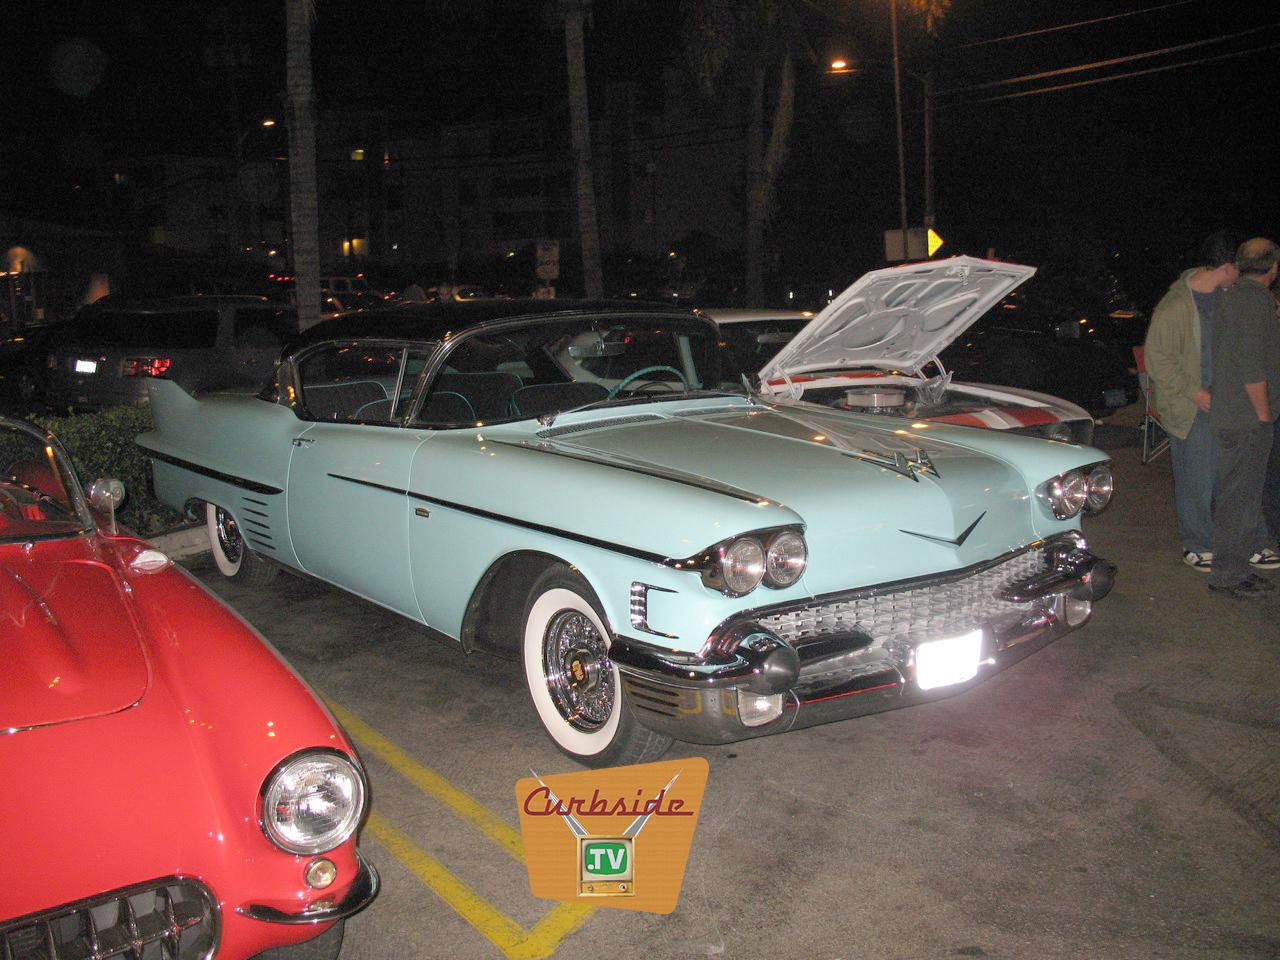 1957 Cadillace Coupe d'Ville